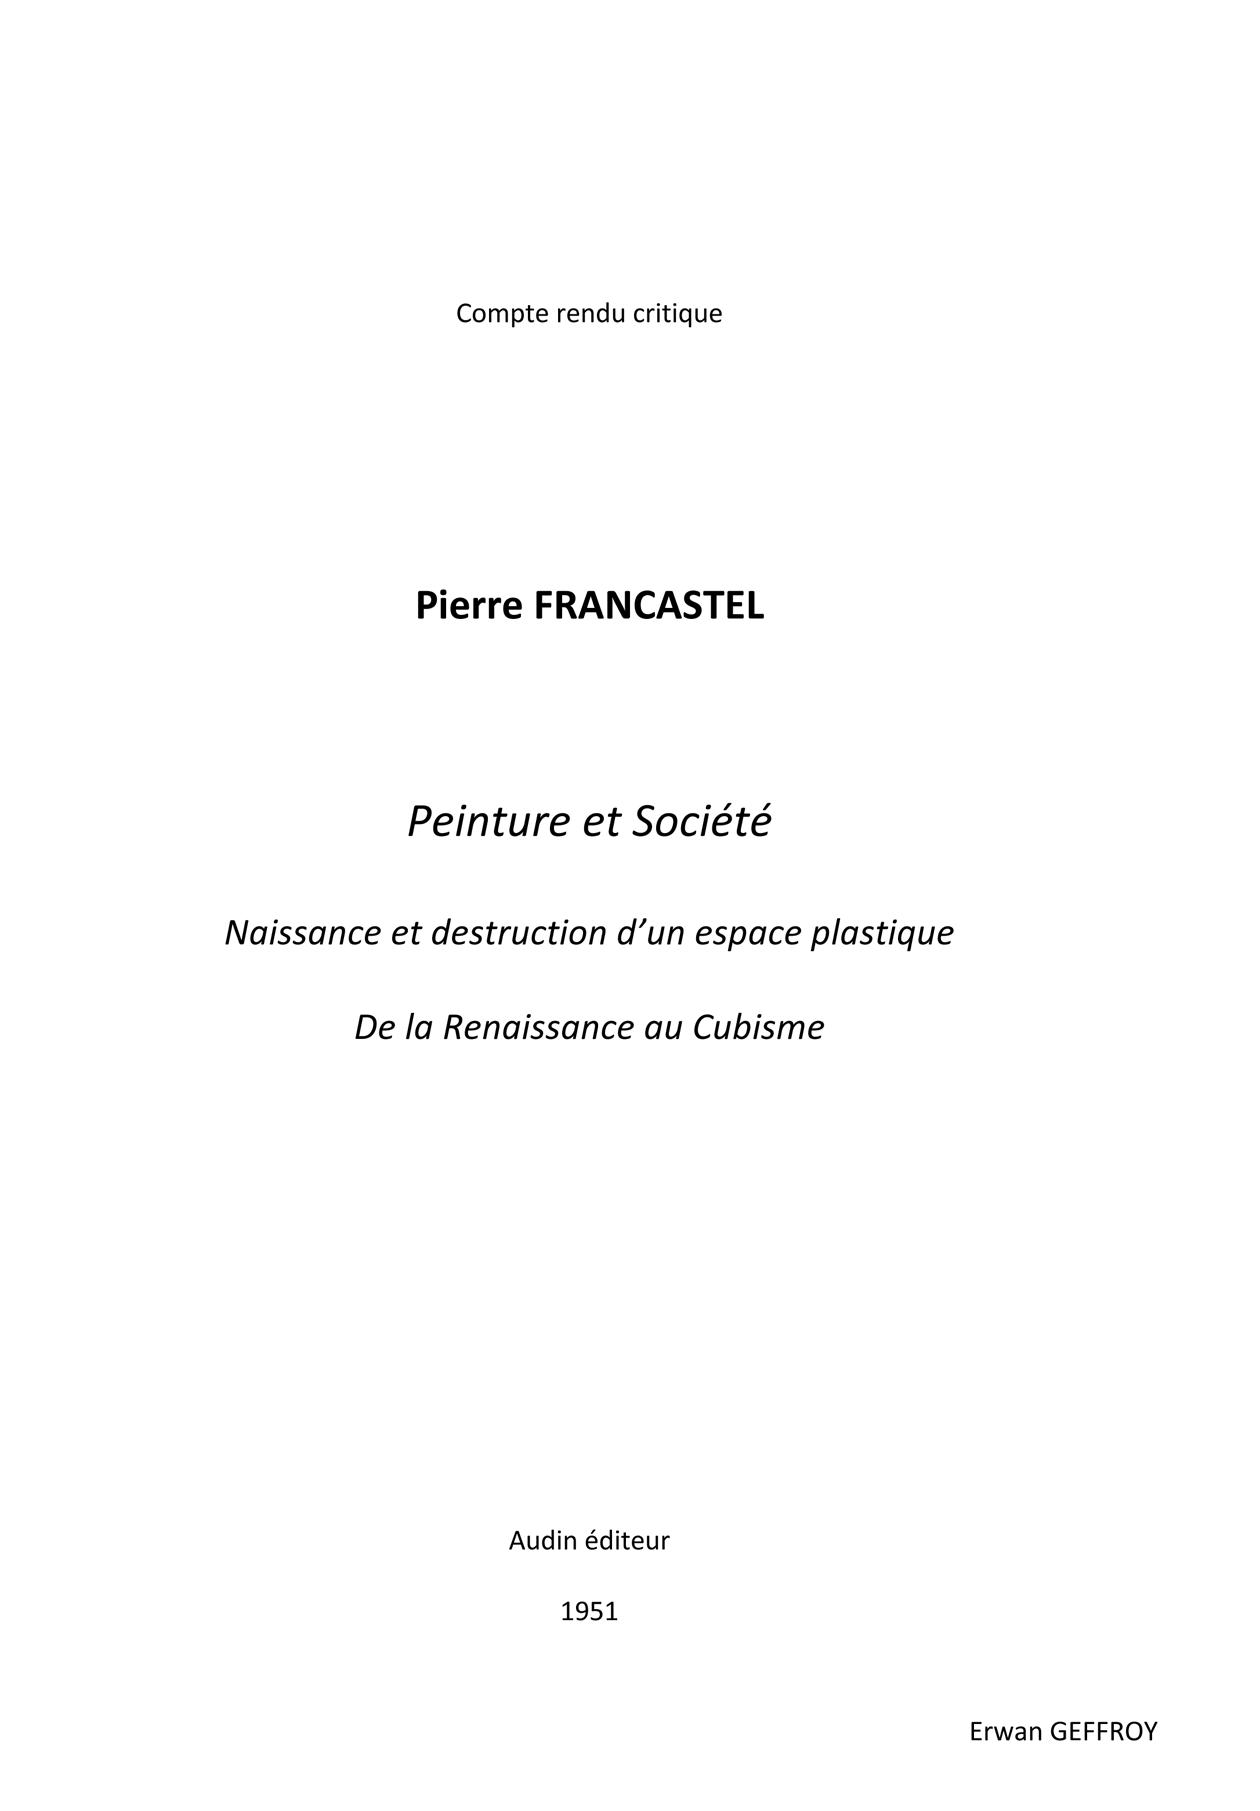 Compte rendu critique - Pierre Francastel - Peinture et Société